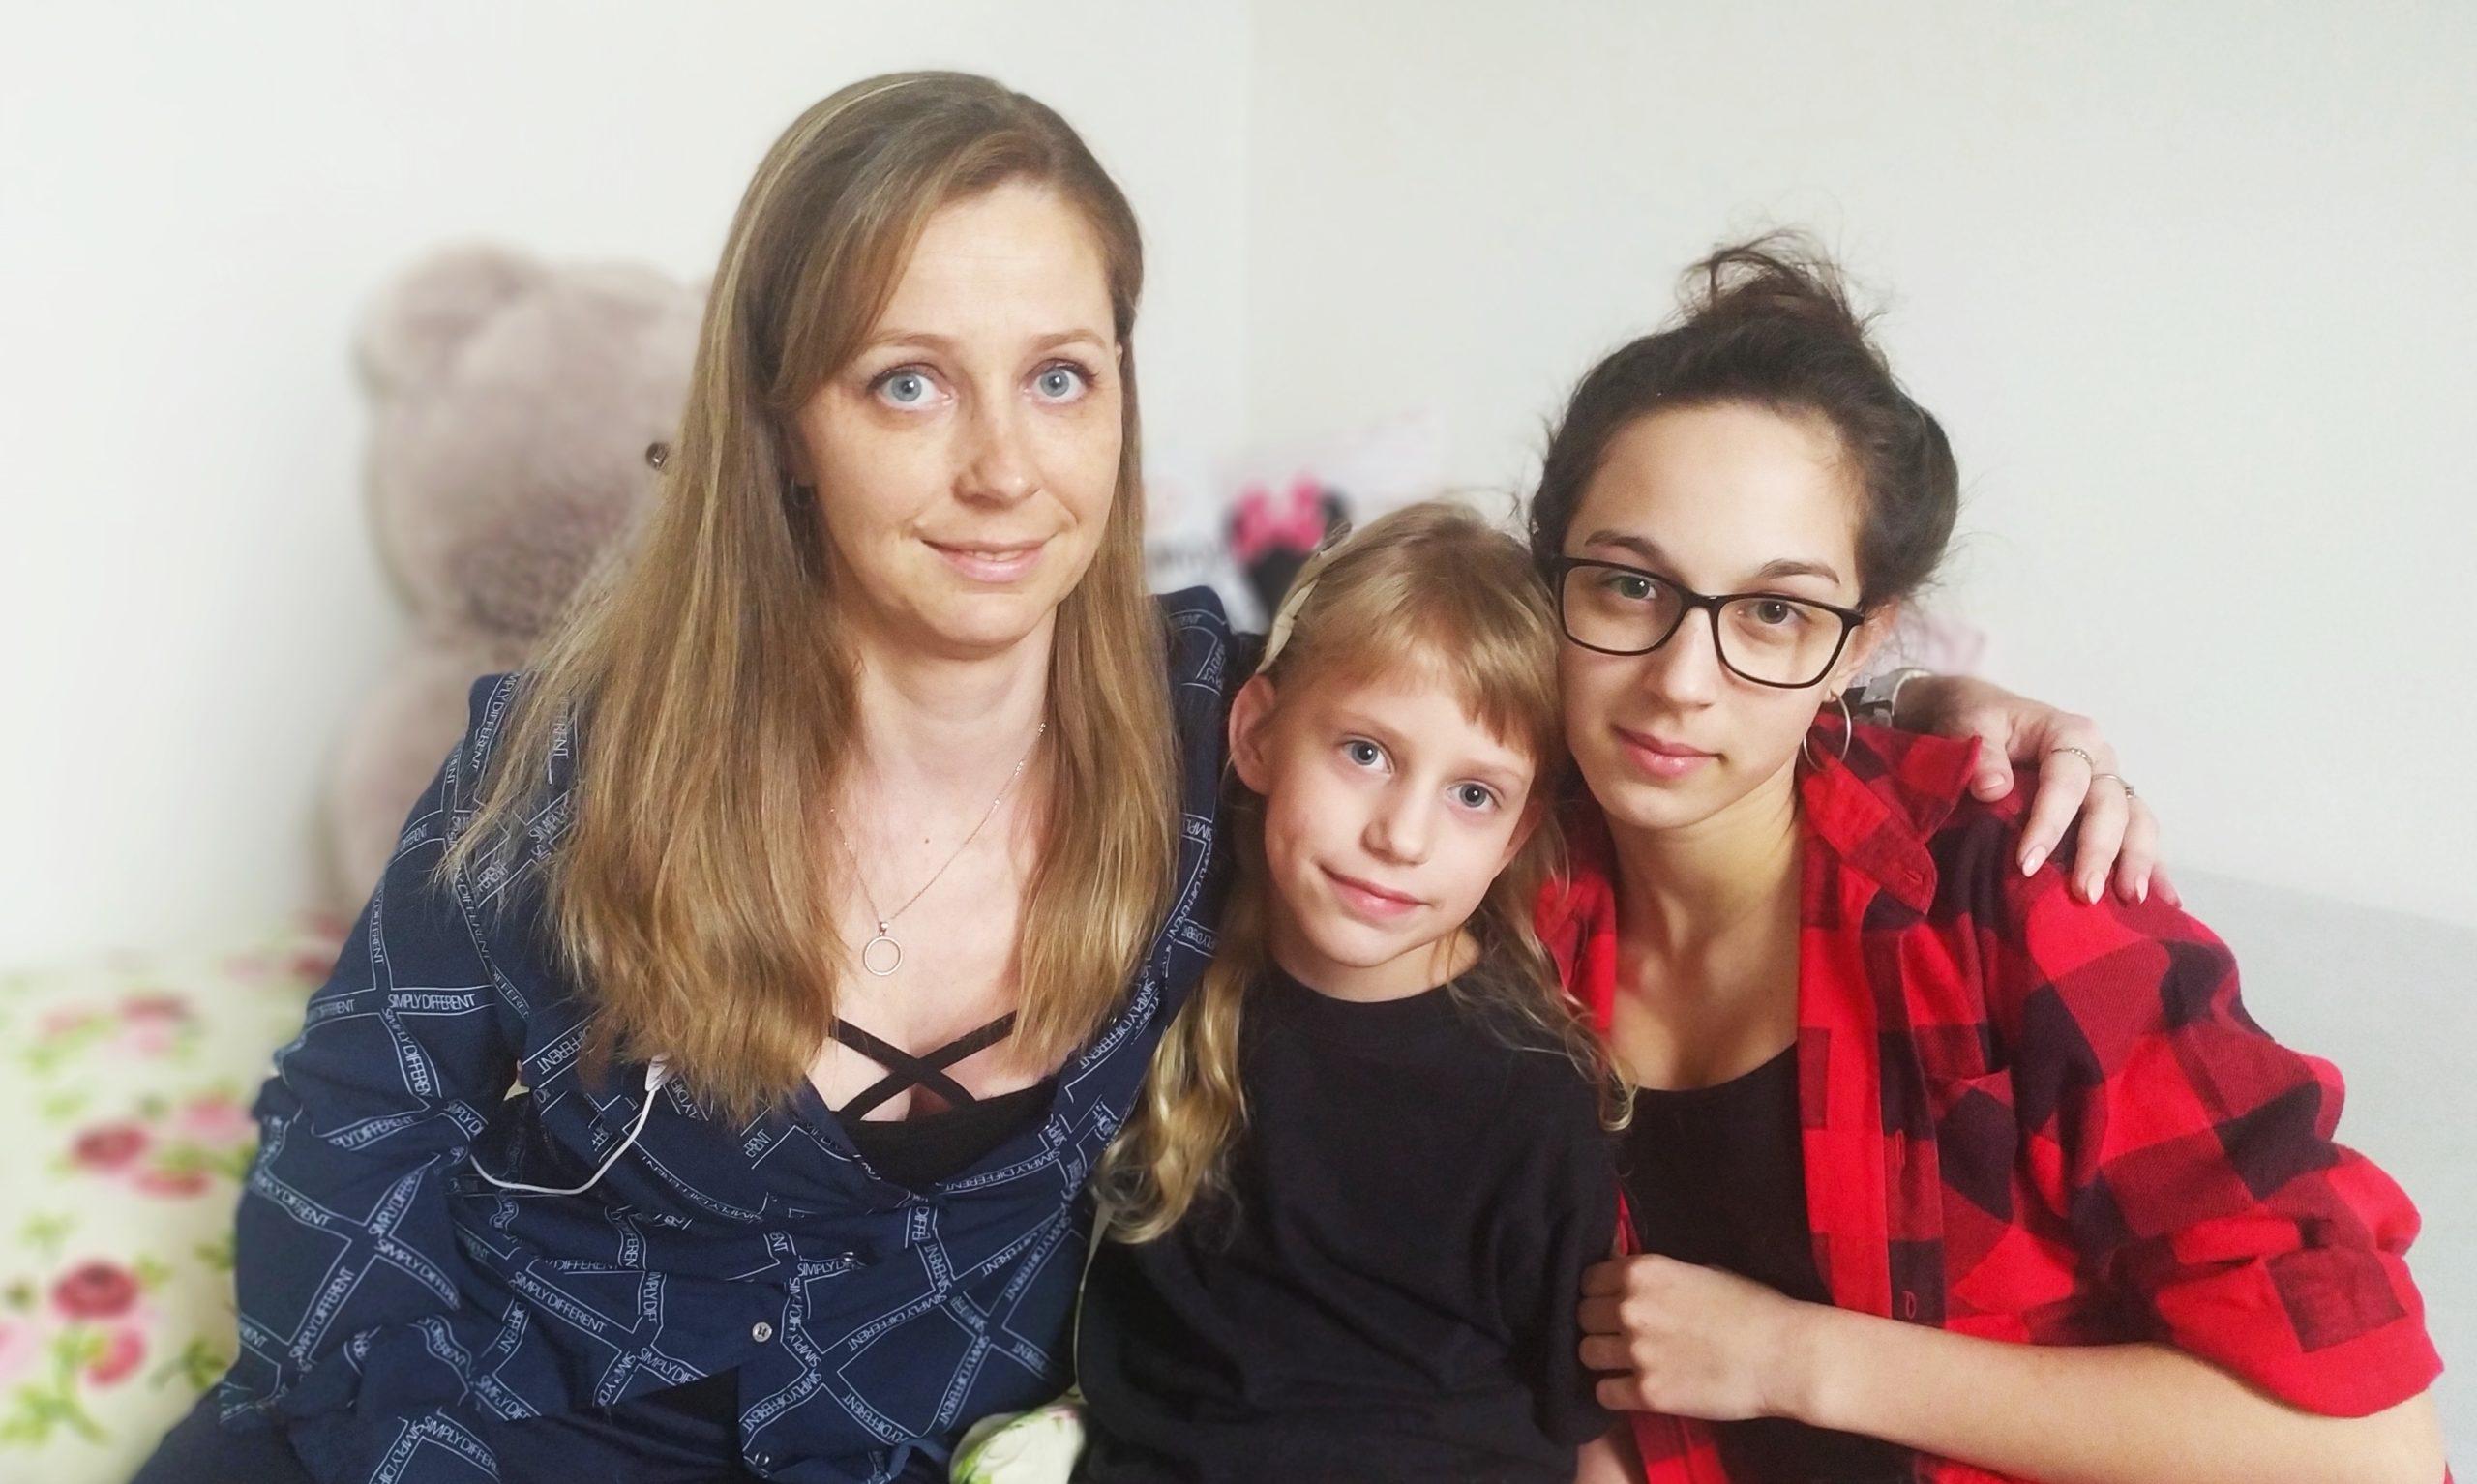 Obavy z menšiny Mirka Machová nemá, sama navštěvovala v dětství vyloučenou školu.